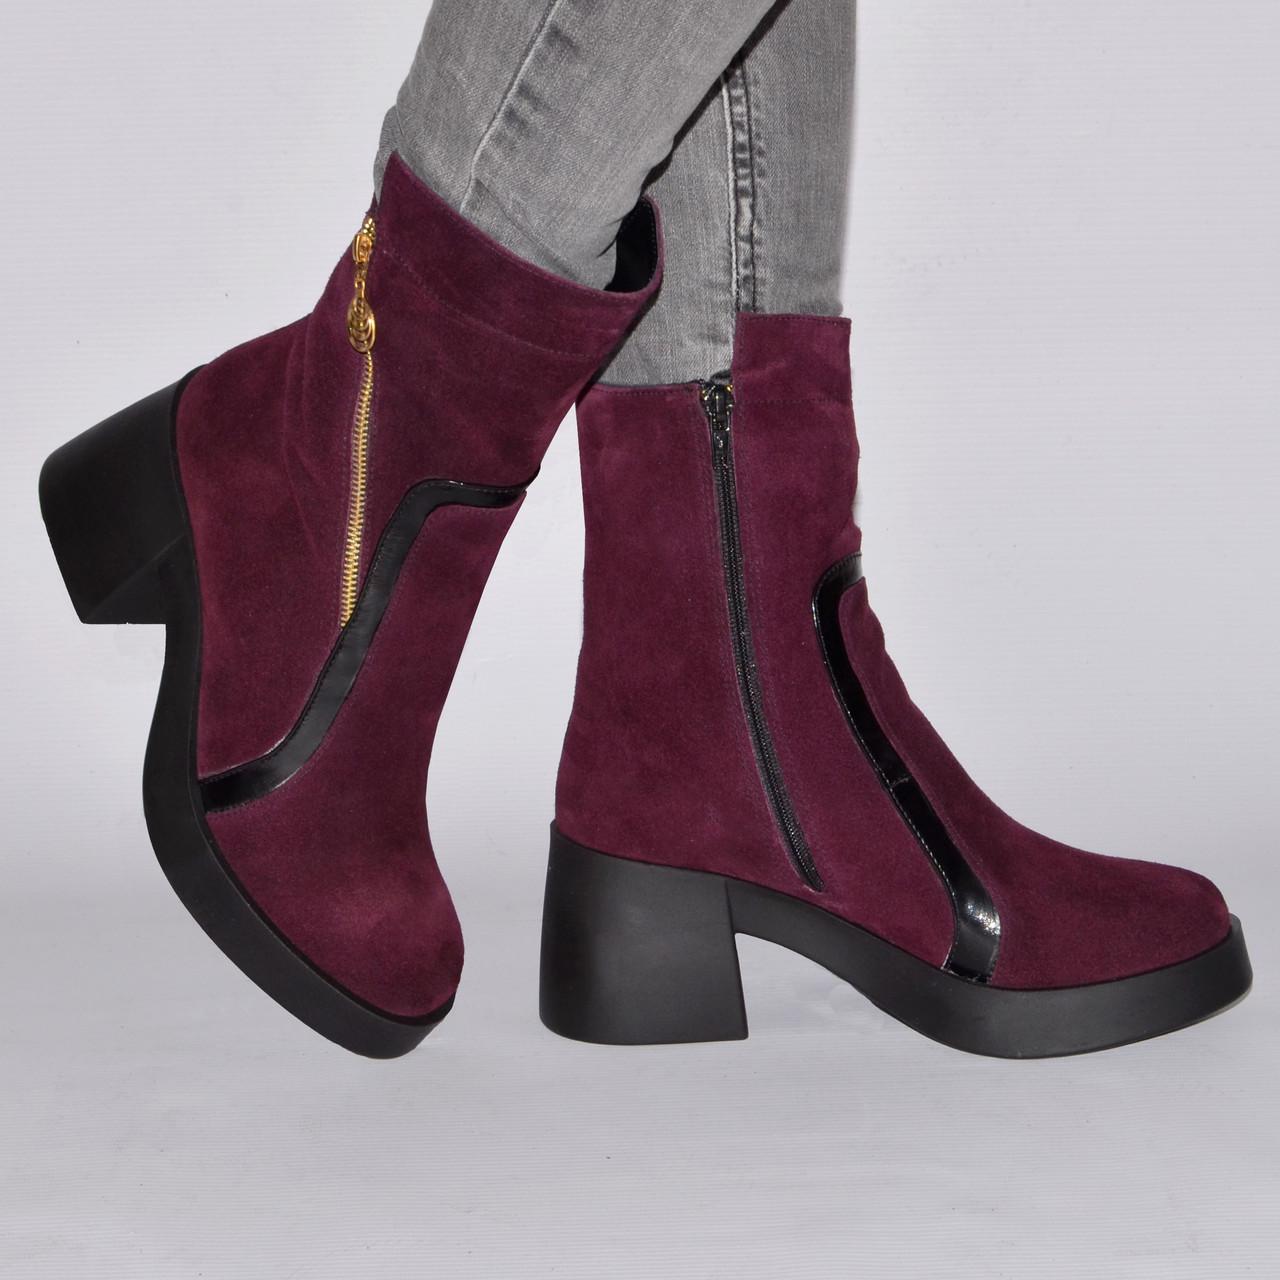 Сапоги-ботинк на низком каблуке, из натуральной кожи, замша на молнии. Пять цветов! Размеры 36-41 модель S2520